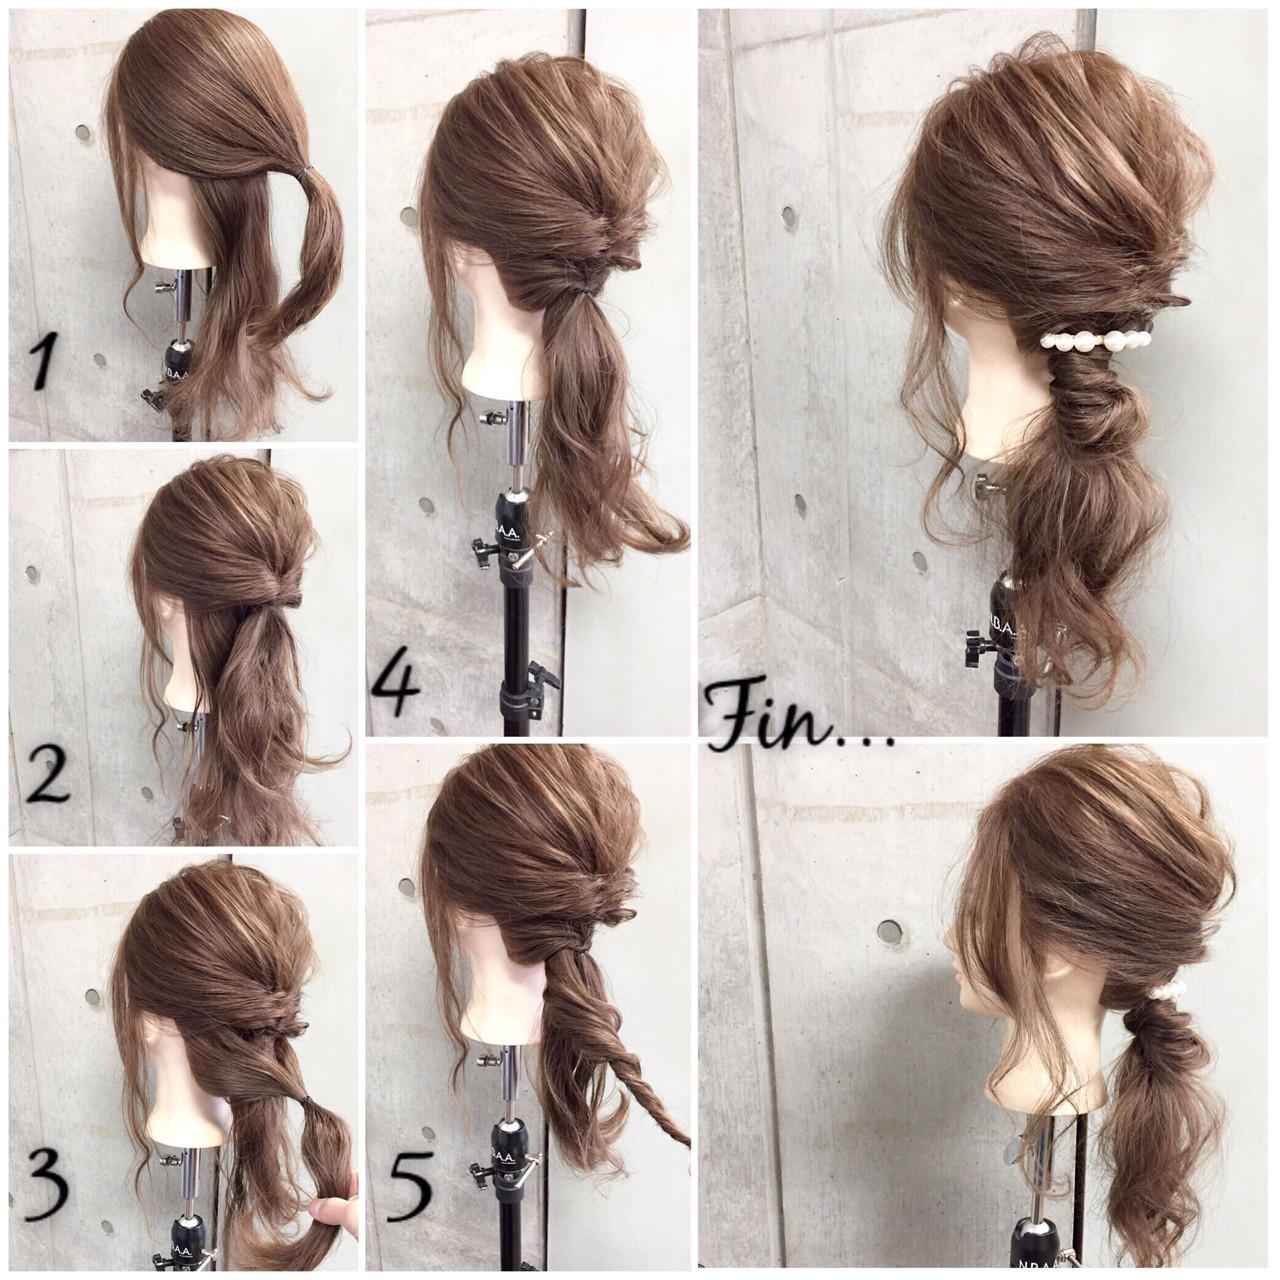 大人女子 セミロング 簡単ヘアアレンジ オフィス ヘアスタイルや髪型の写真・画像